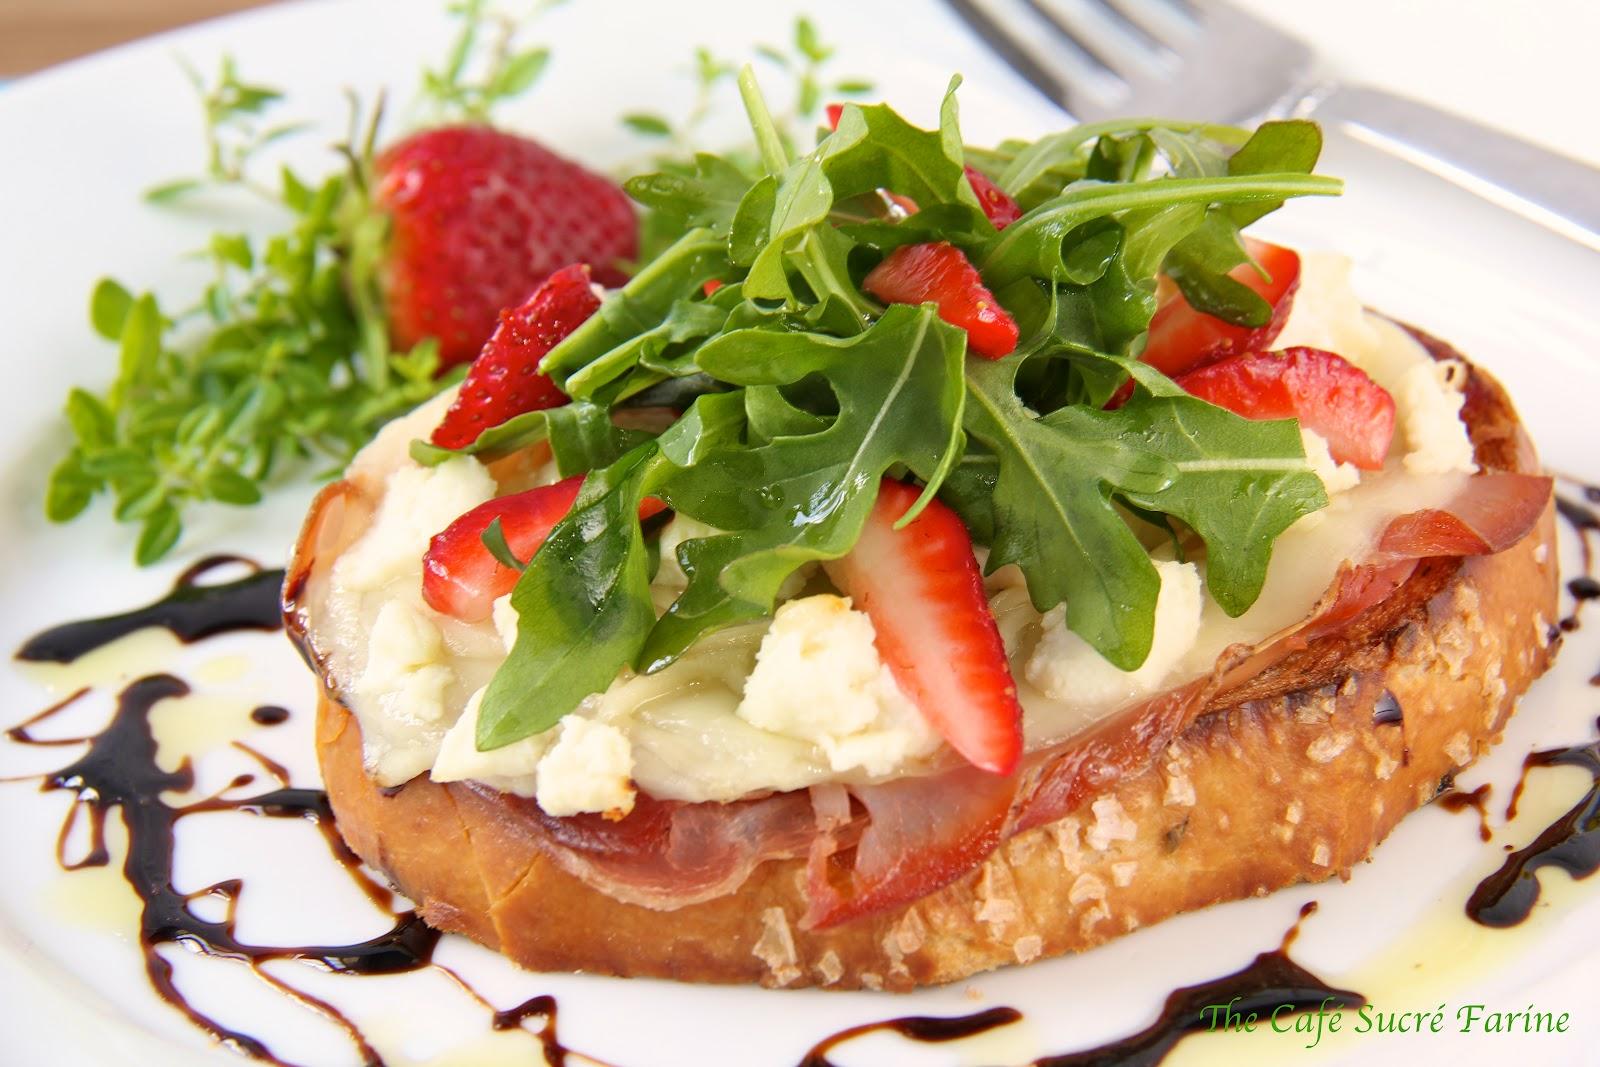 ... sandwich amalfi sandwich toasted ciabatta sandwiches sandwiches month